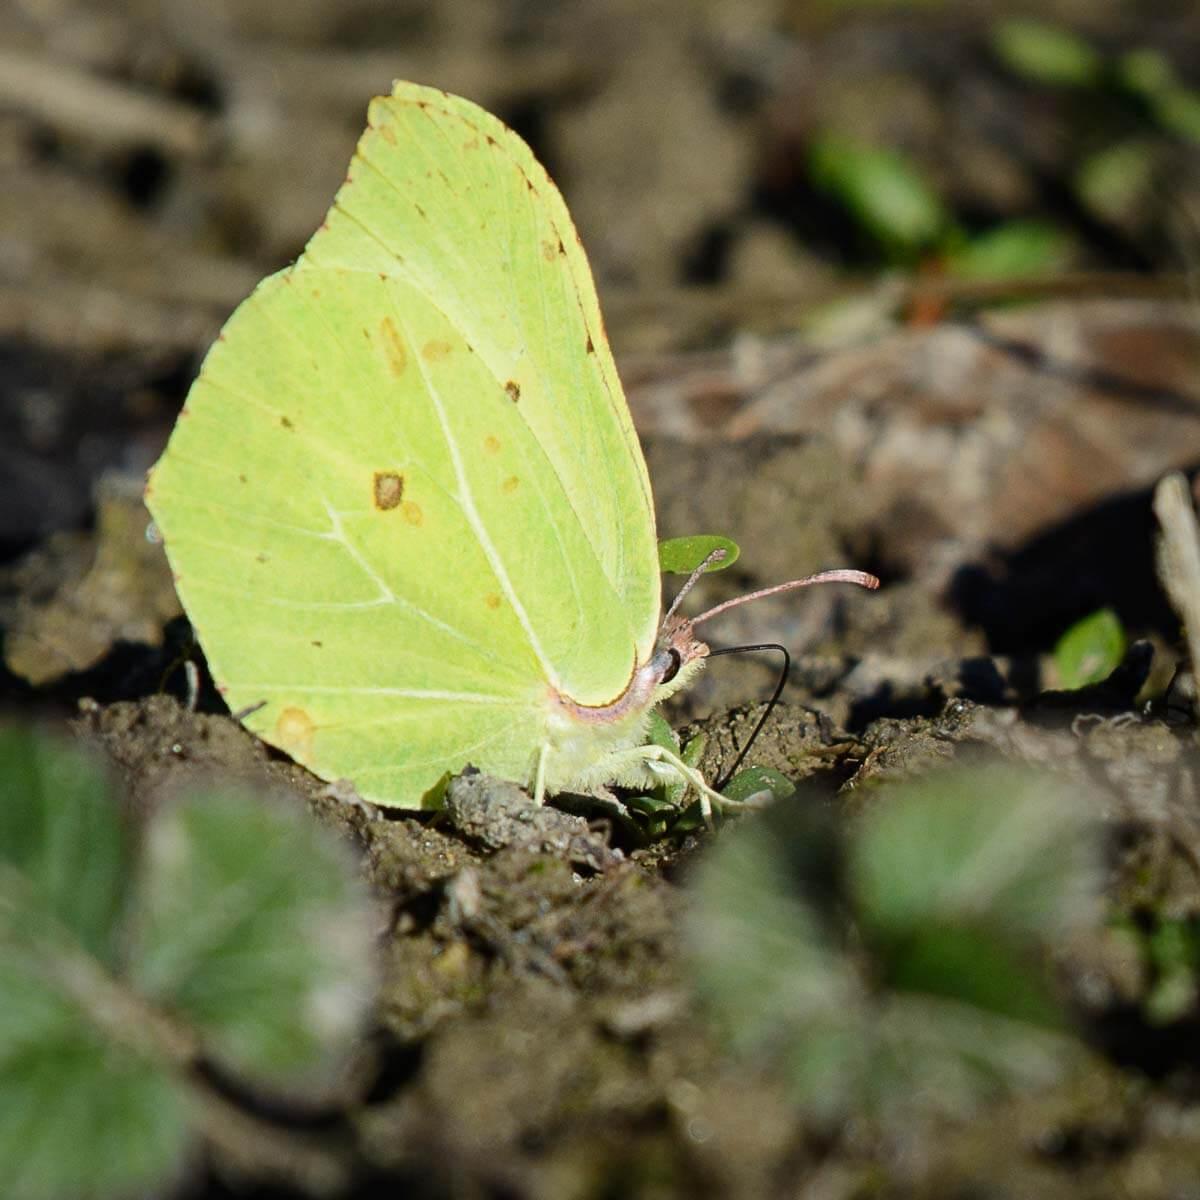 Zitronenfalter - einer der ersten Schmetterlinge im Naturgarten